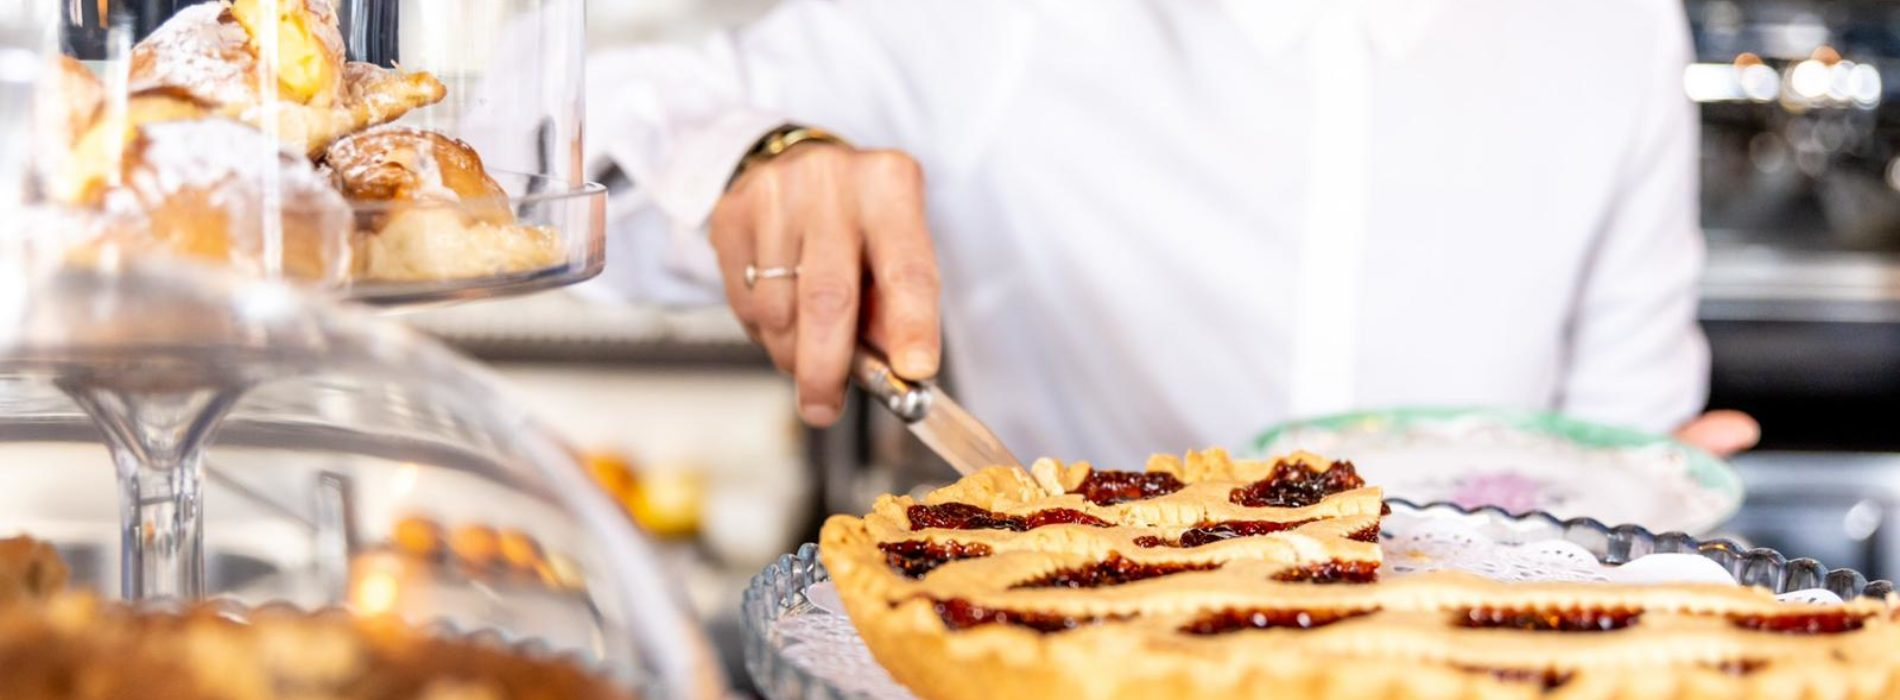 Ristoranti sempre aperti a Roma, nove locali dove mangiare a tutte le ore del giorno